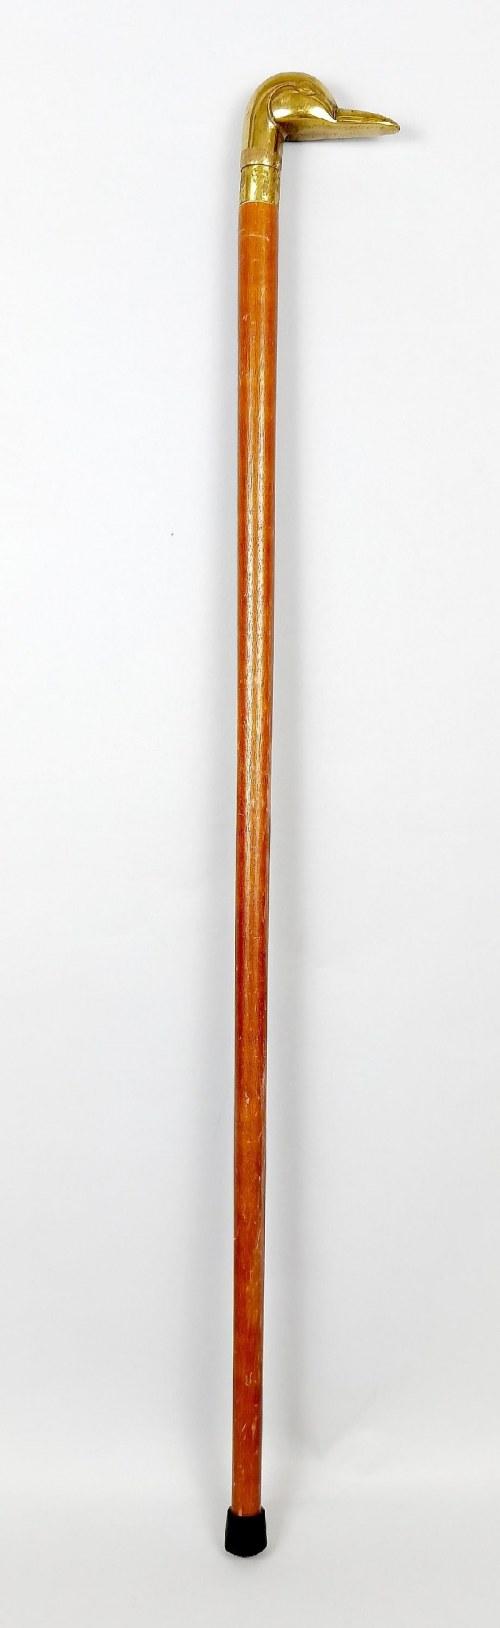 Laska z uchwytem w kształcie głowy kaczki